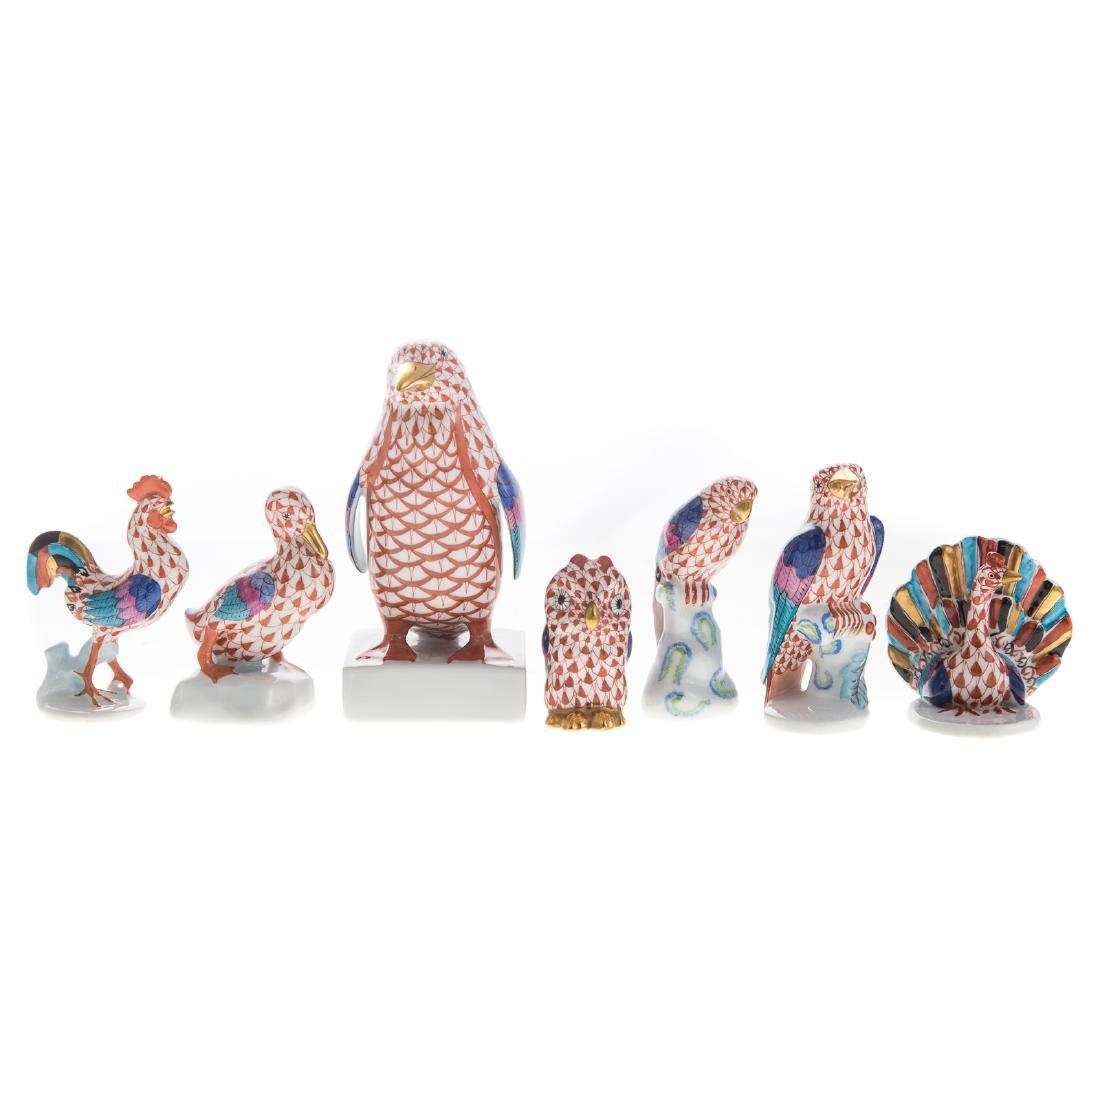 Seven Herend porcelain birds